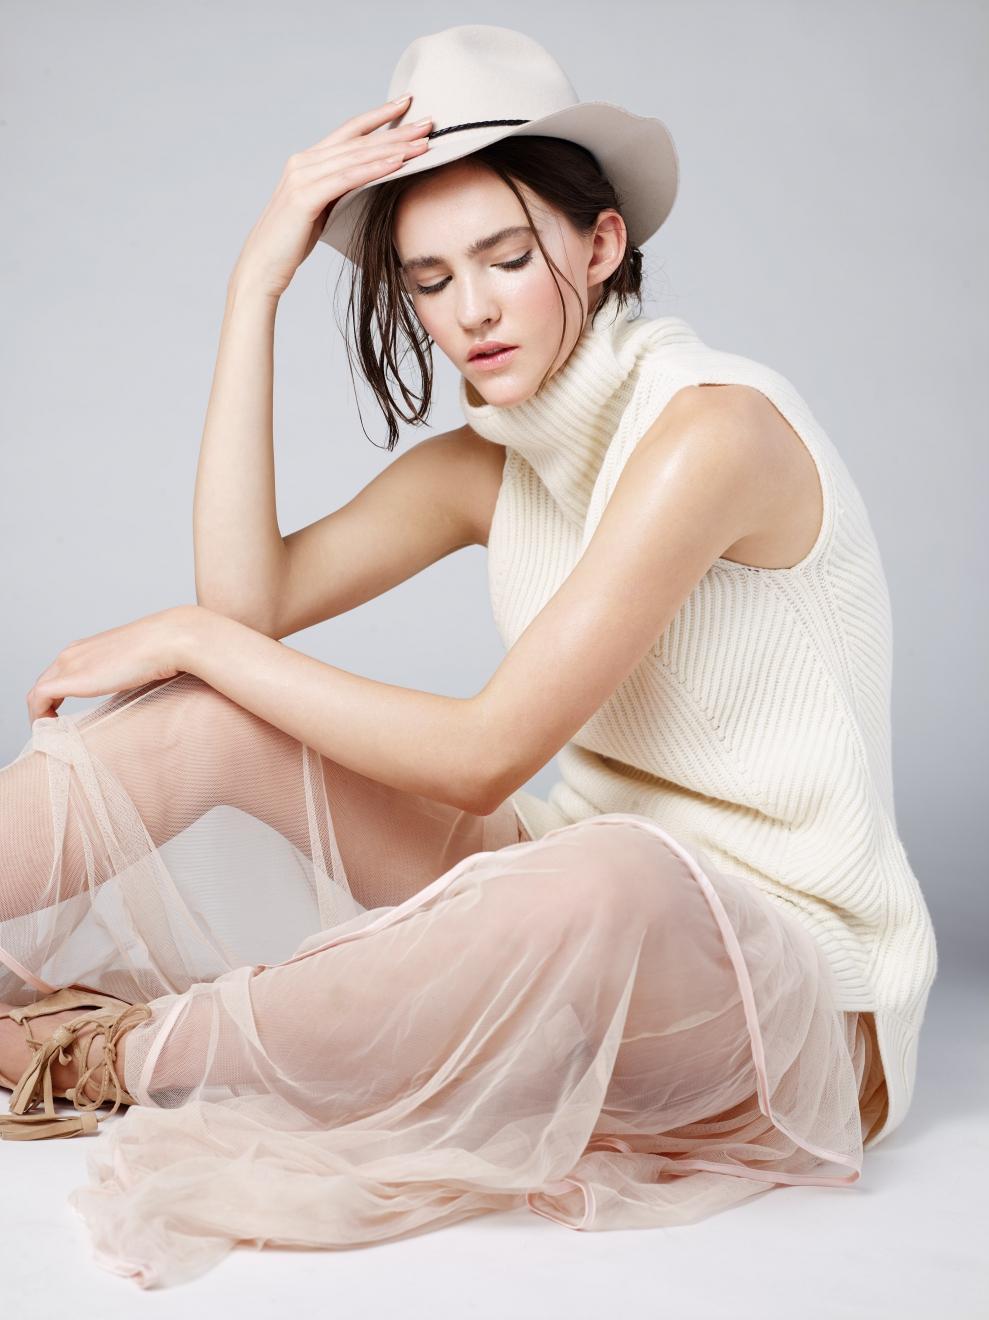 Margarita_Lizbell-Agency_Model-Vancouver_-Modelling-Agency-5_1070x1320.jpg